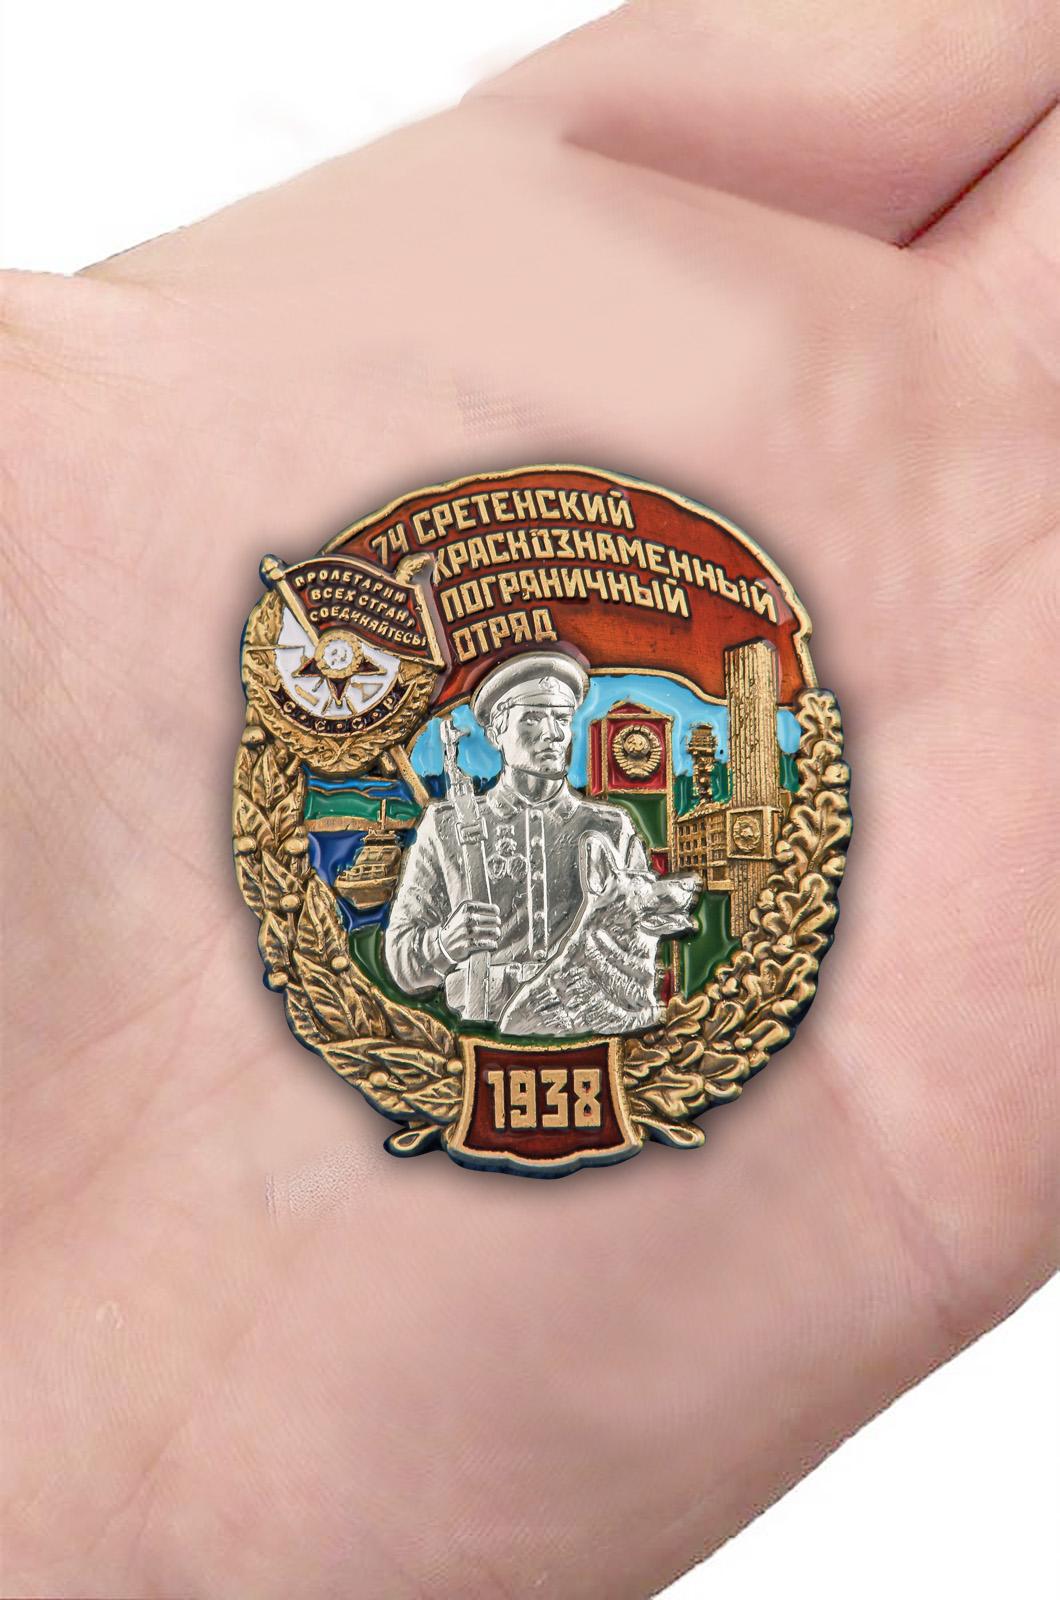 Памятный знак 74 Сретенский пограничный отряд - вид на ладони